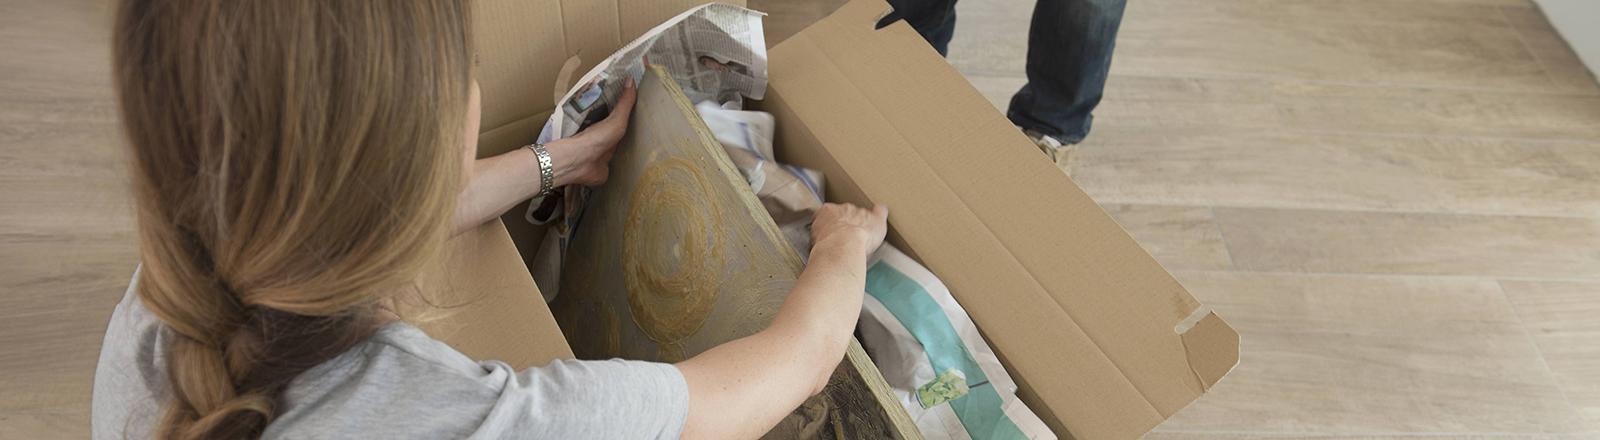 Eine Person kniet auf dem Boden und packt Gegenstände in eine Kiste.